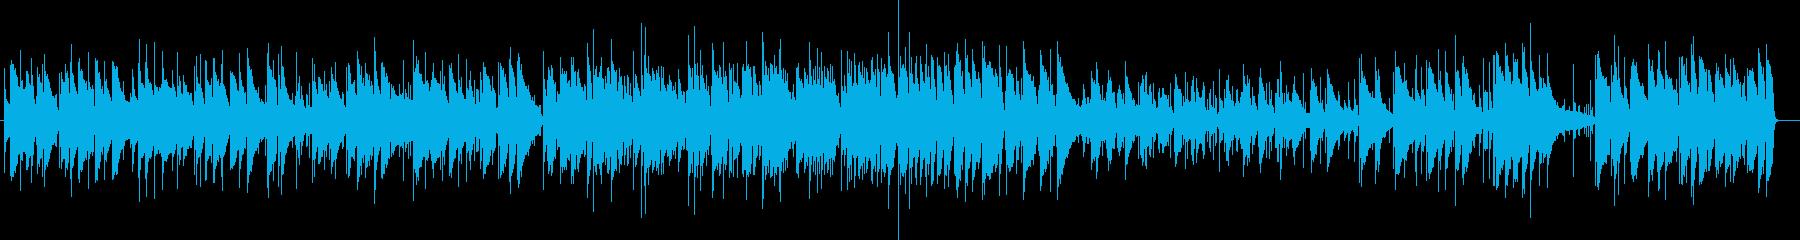 唱歌のジャズピアノ の再生済みの波形